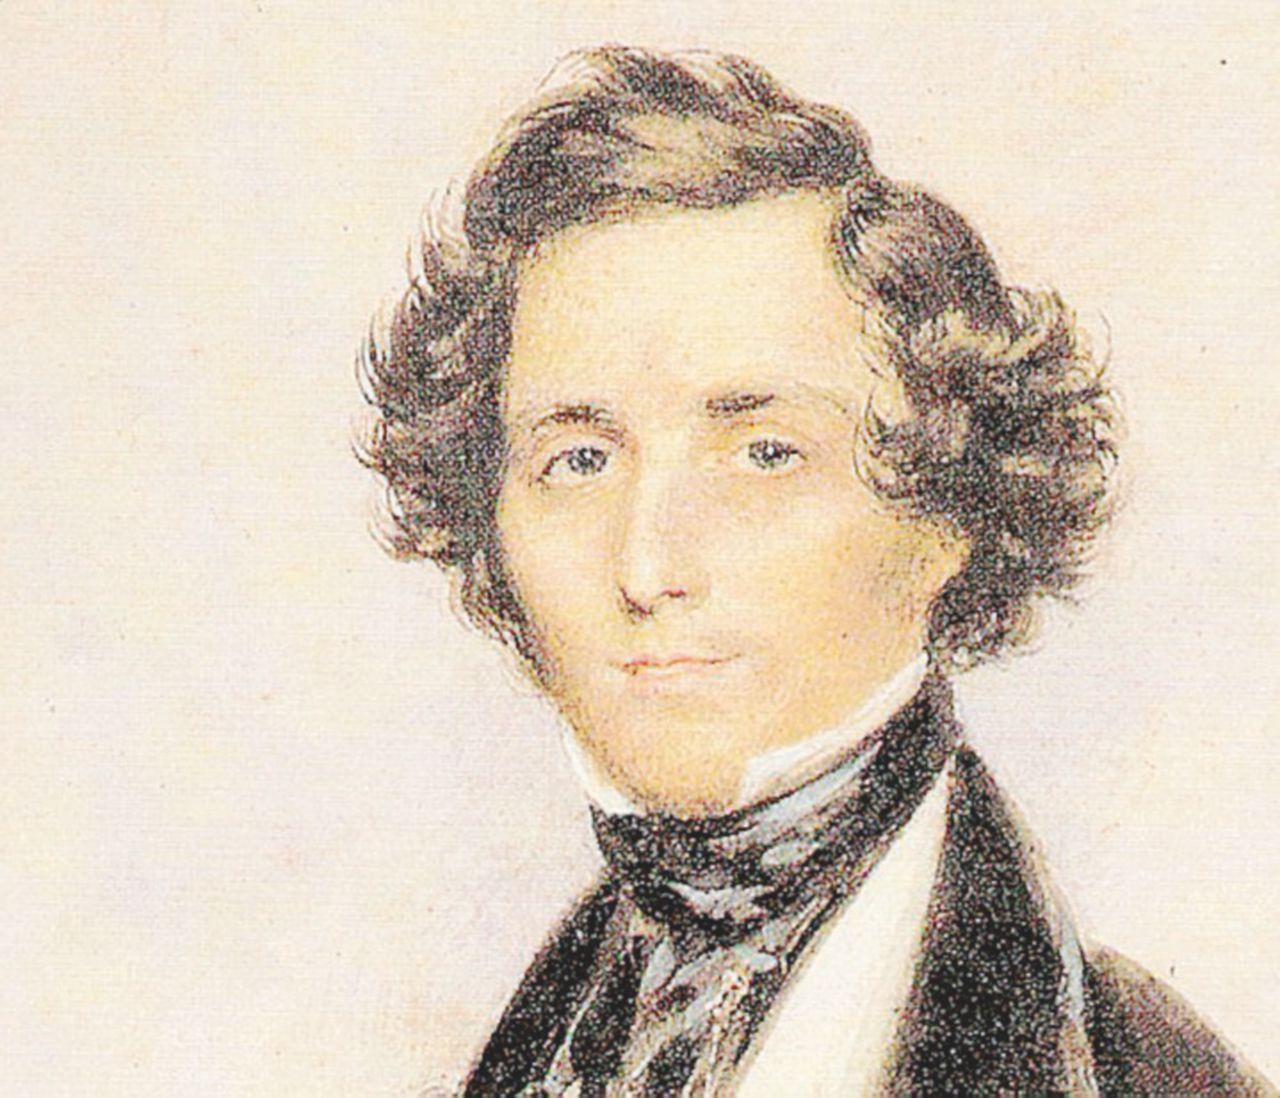 Felix Mendelssohn: rigorista nella vita, ma libero nell'arte